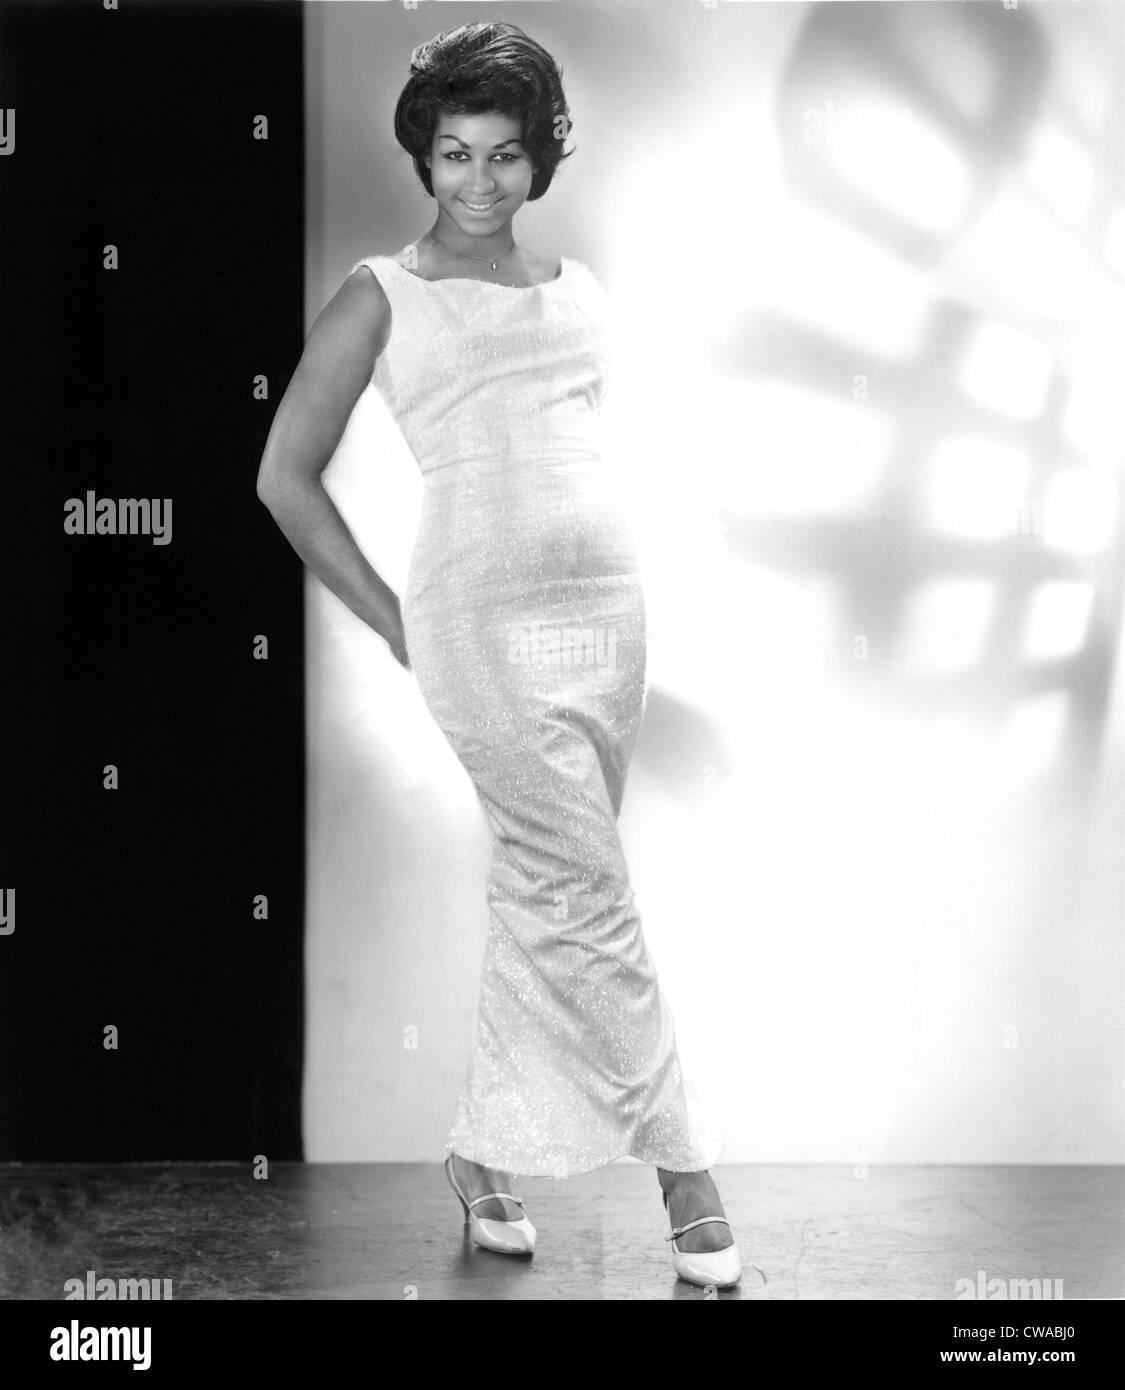 ARETHA FRANKLIN, 1965, Columbia Records pubblicità ritratto. Archivi CSU/Everett collezione. Immagini Stock